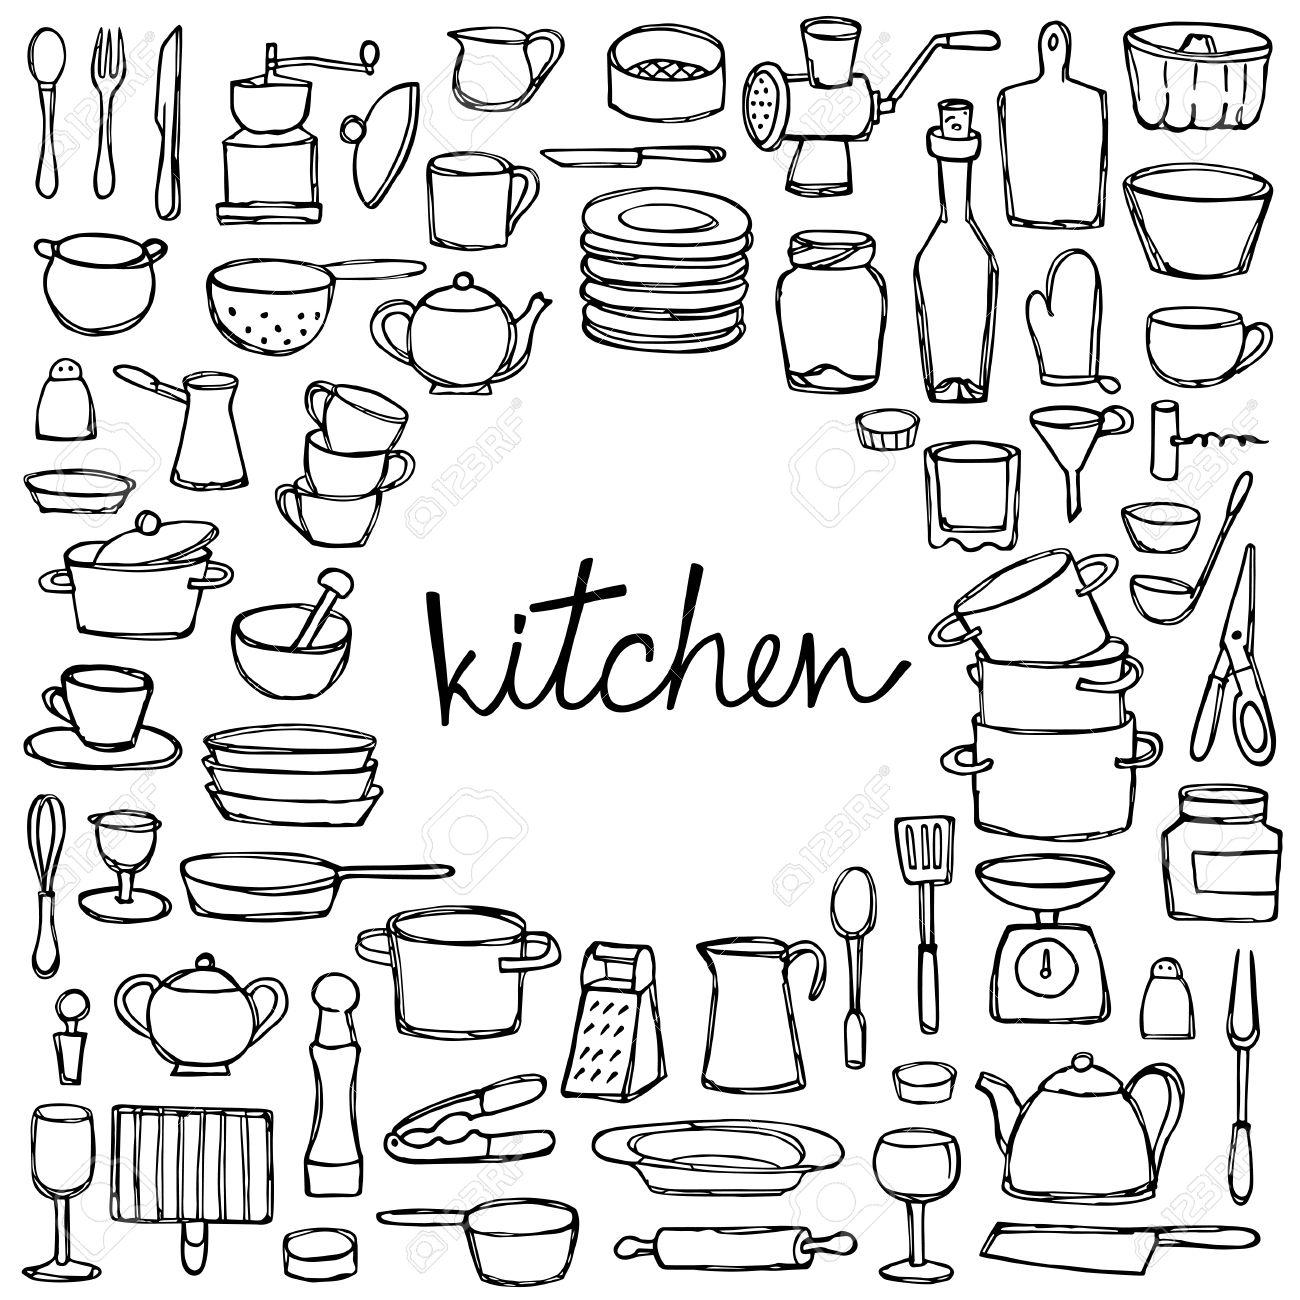 malvorlagen küche  Coloring and Malvorlagan